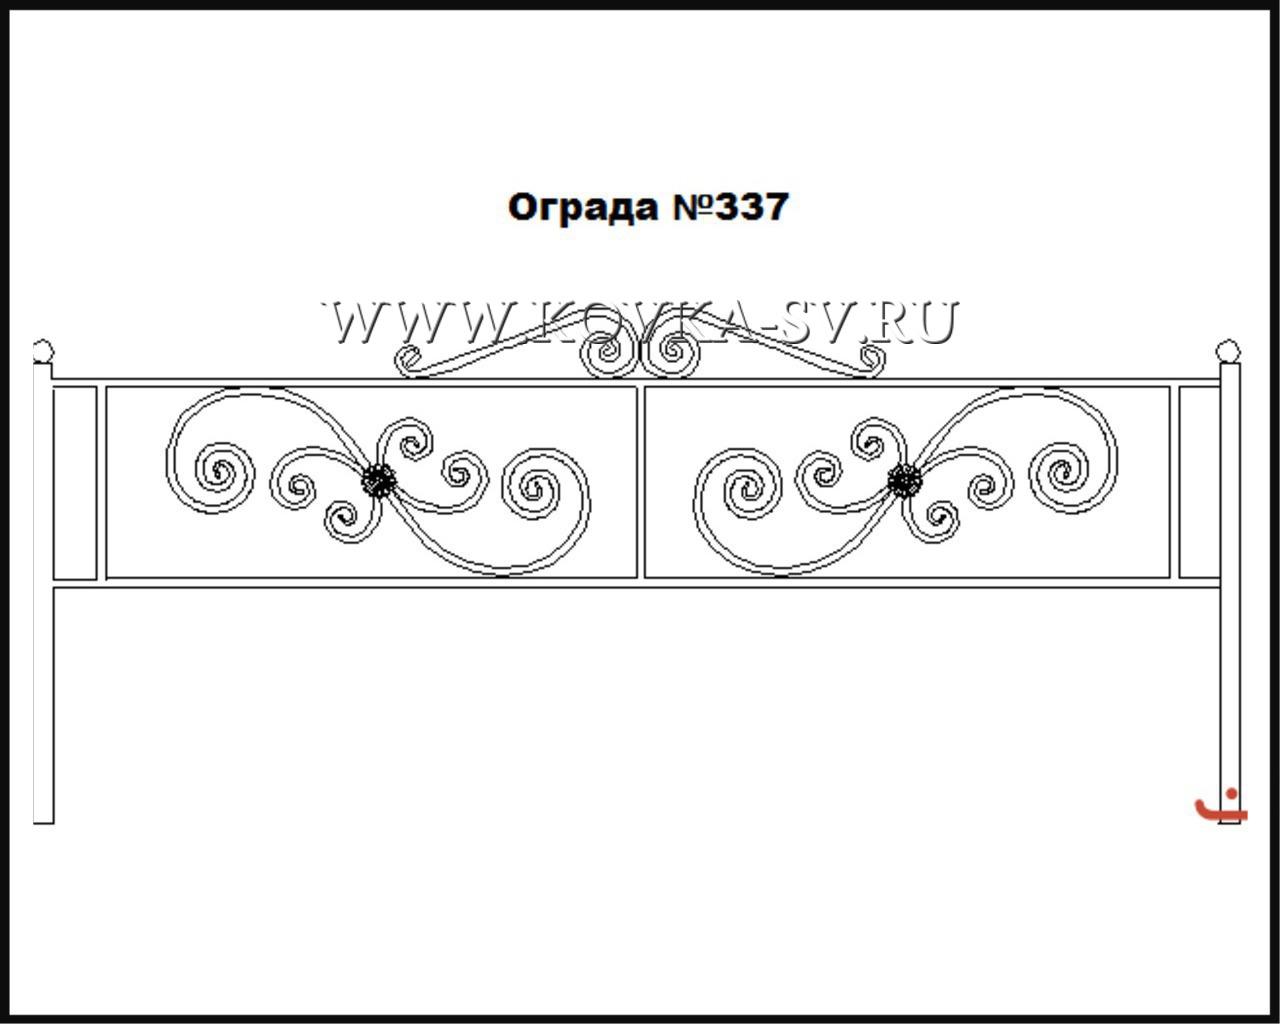 Ограда №337